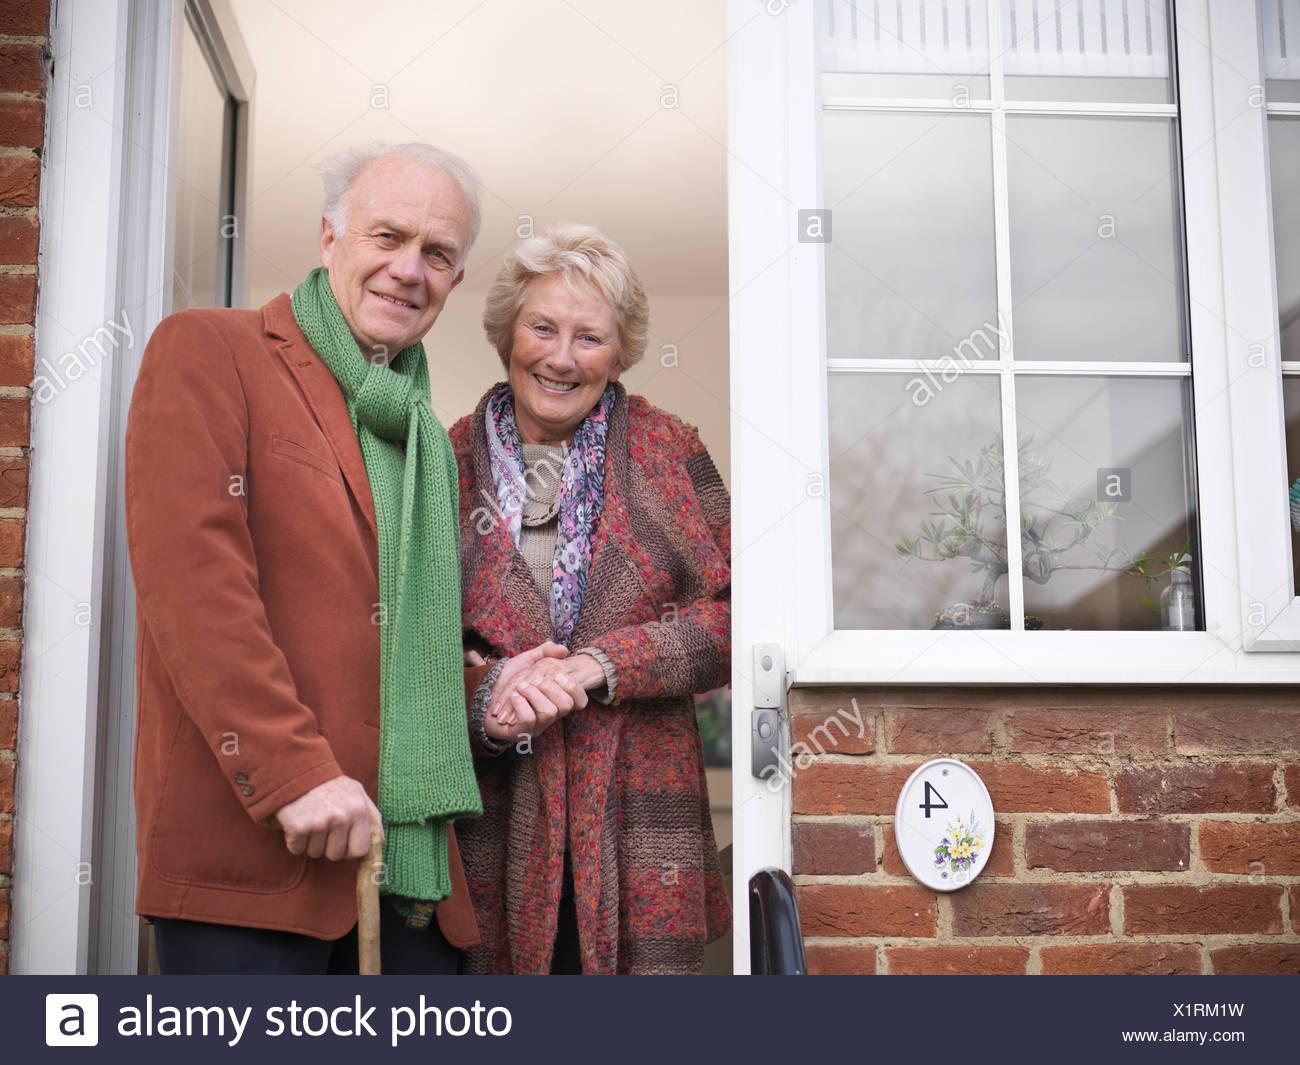 Older couple standing in doorway - Stock Image